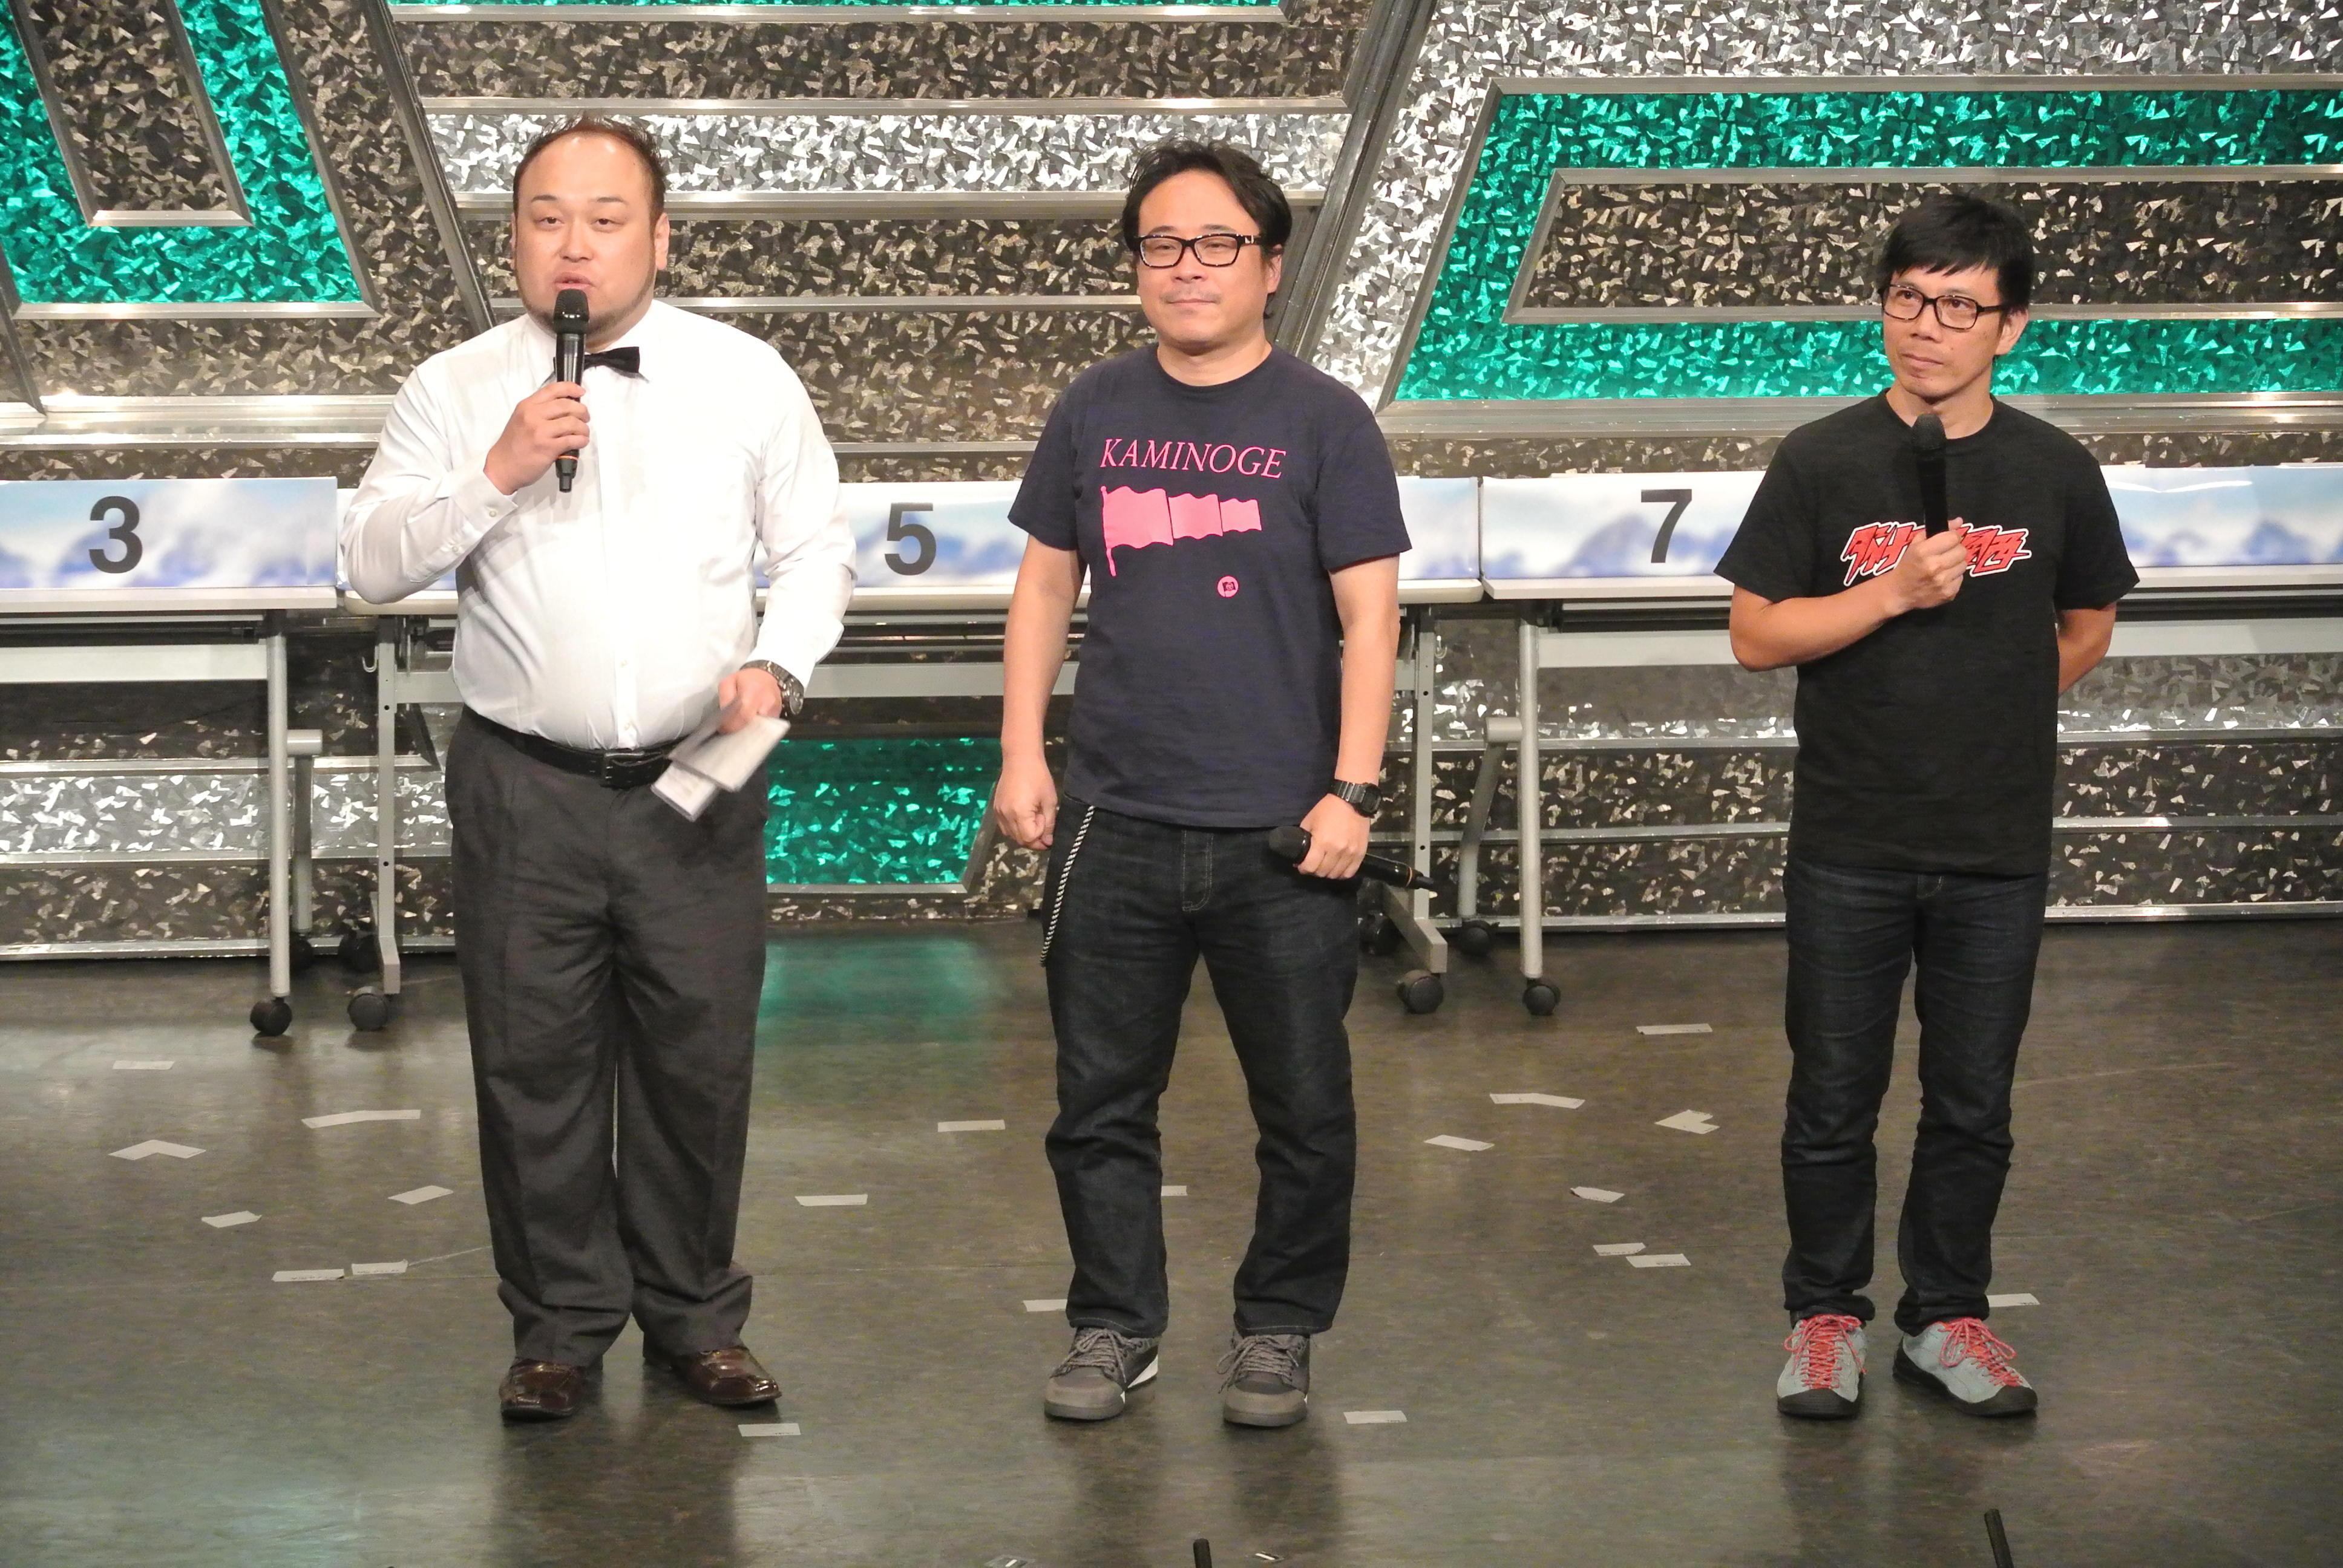 http://news.yoshimoto.co.jp/20160628214808-5c0c3acf56f73100bc971dd7a0512fd93fef6d2e.jpg